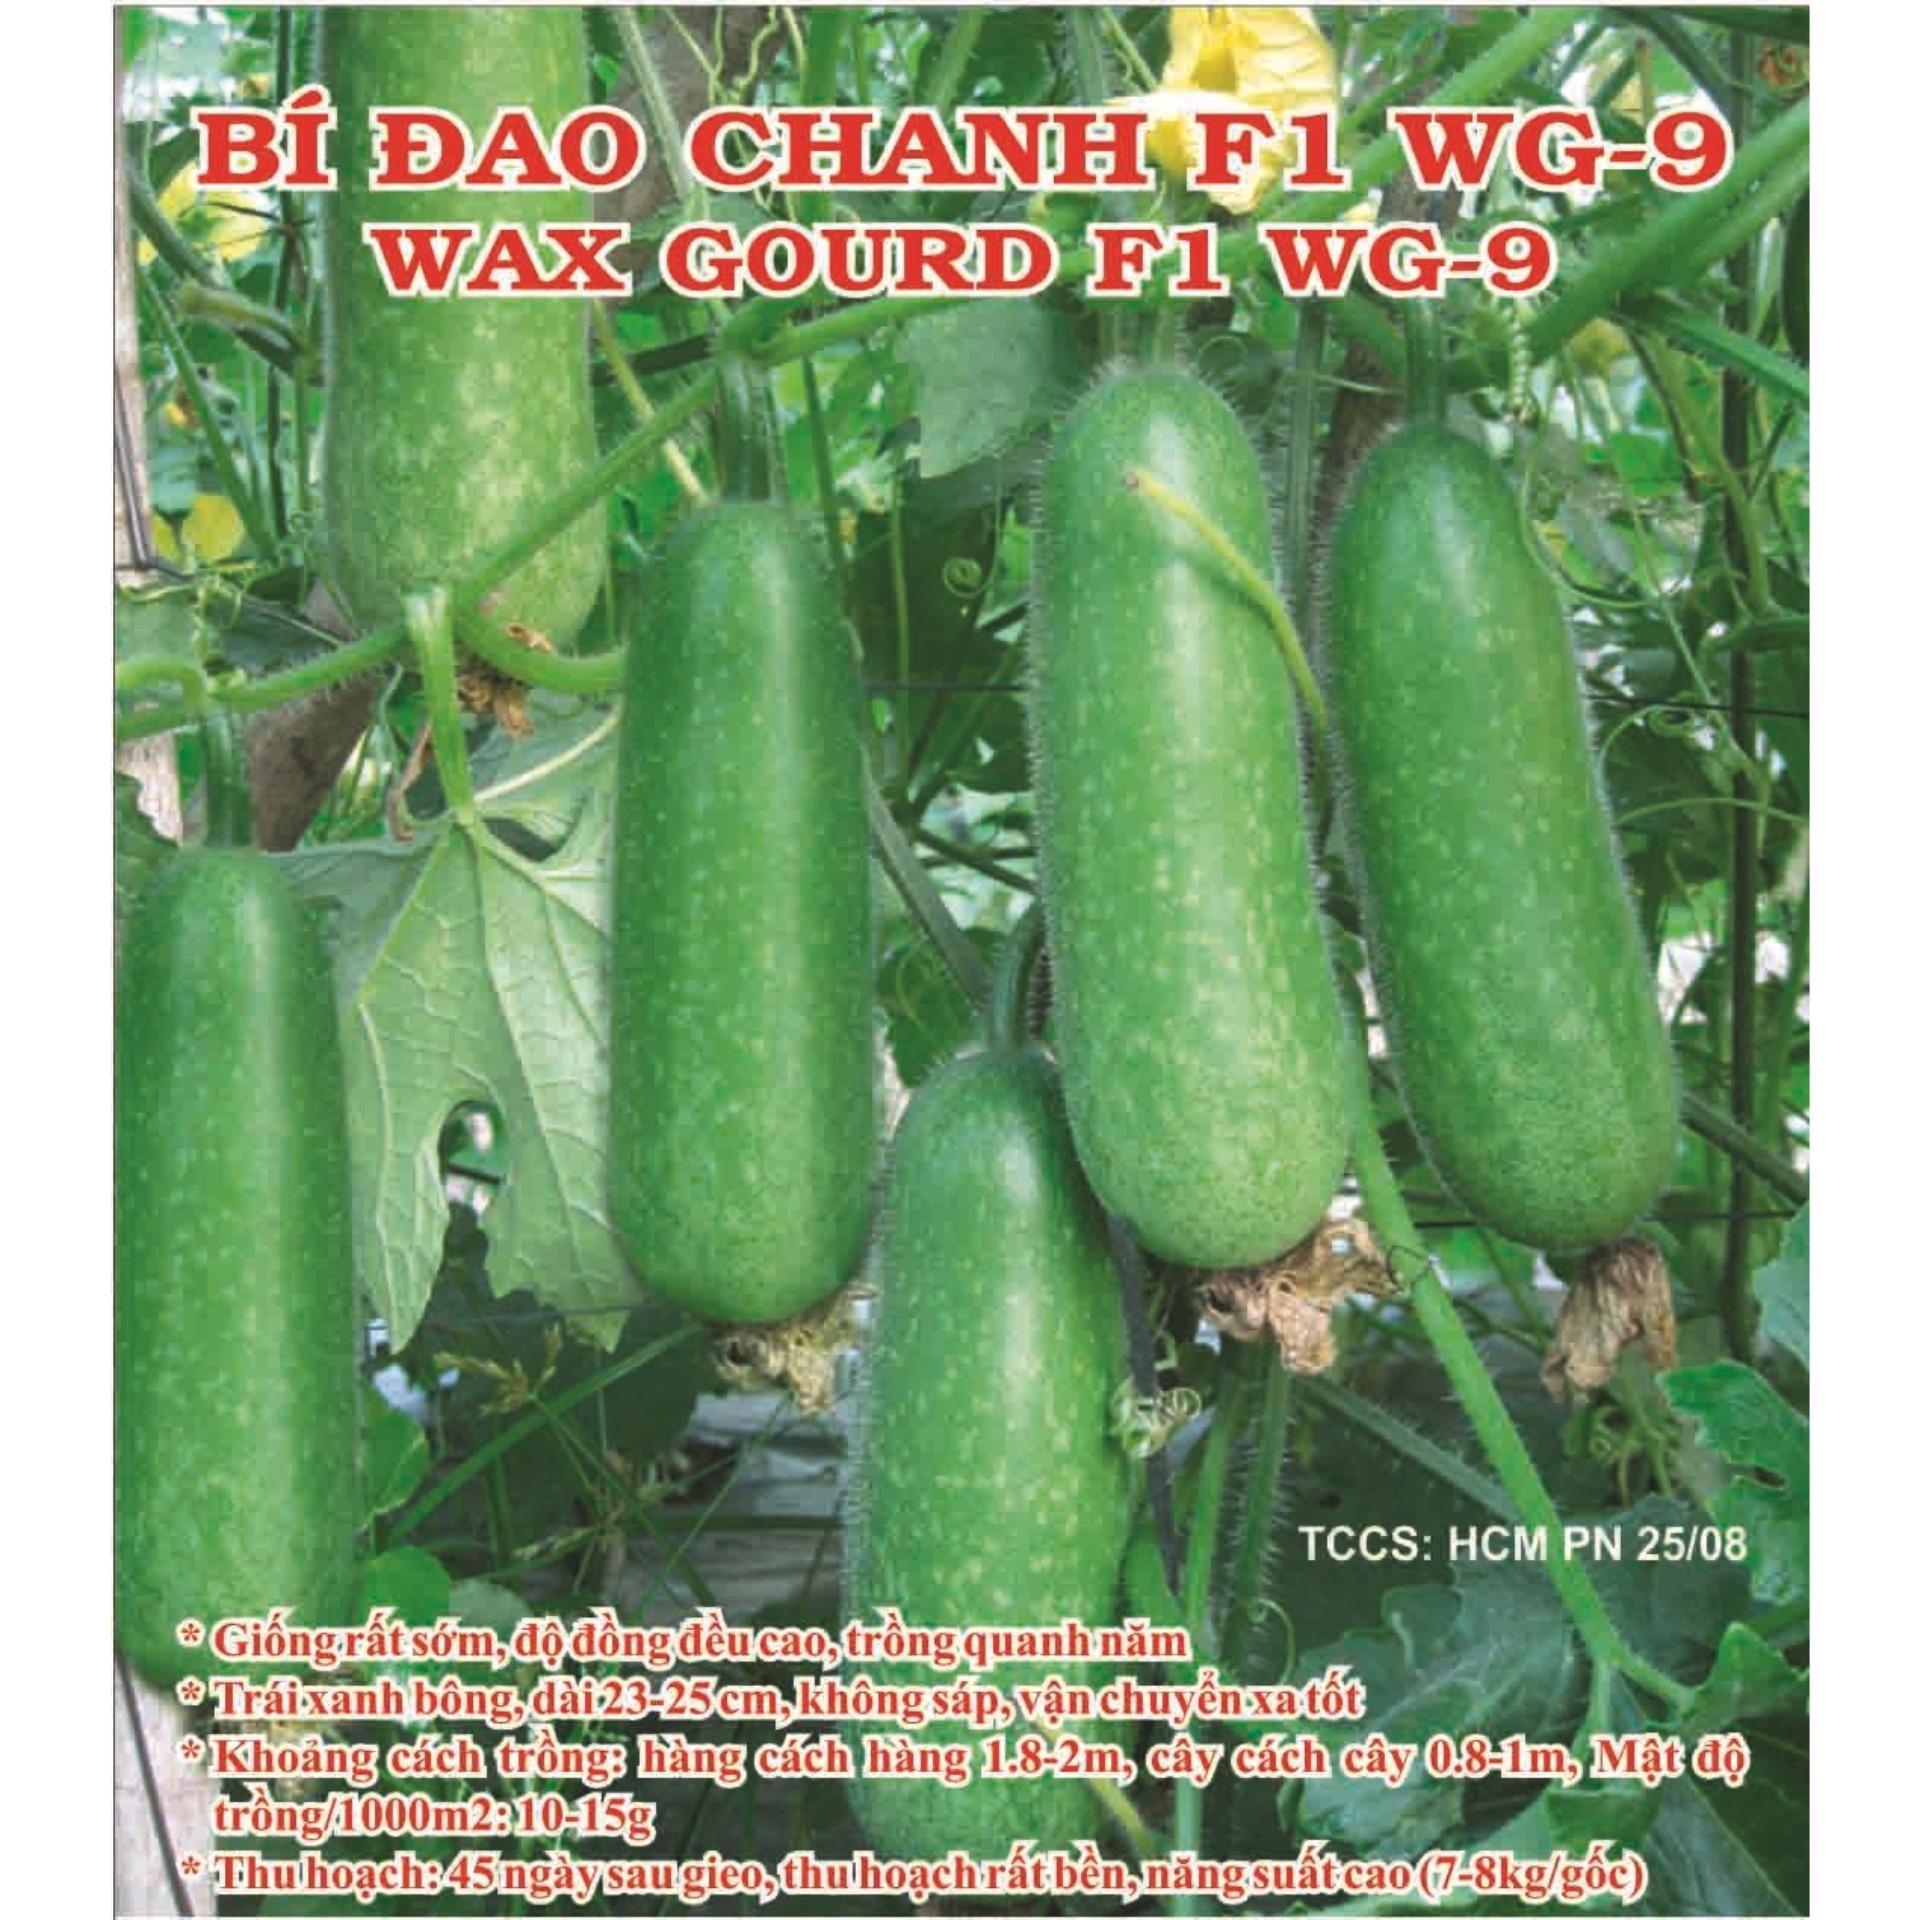 Hạt Giống Phú Nông Bí Đao Chanh F1 Wg9